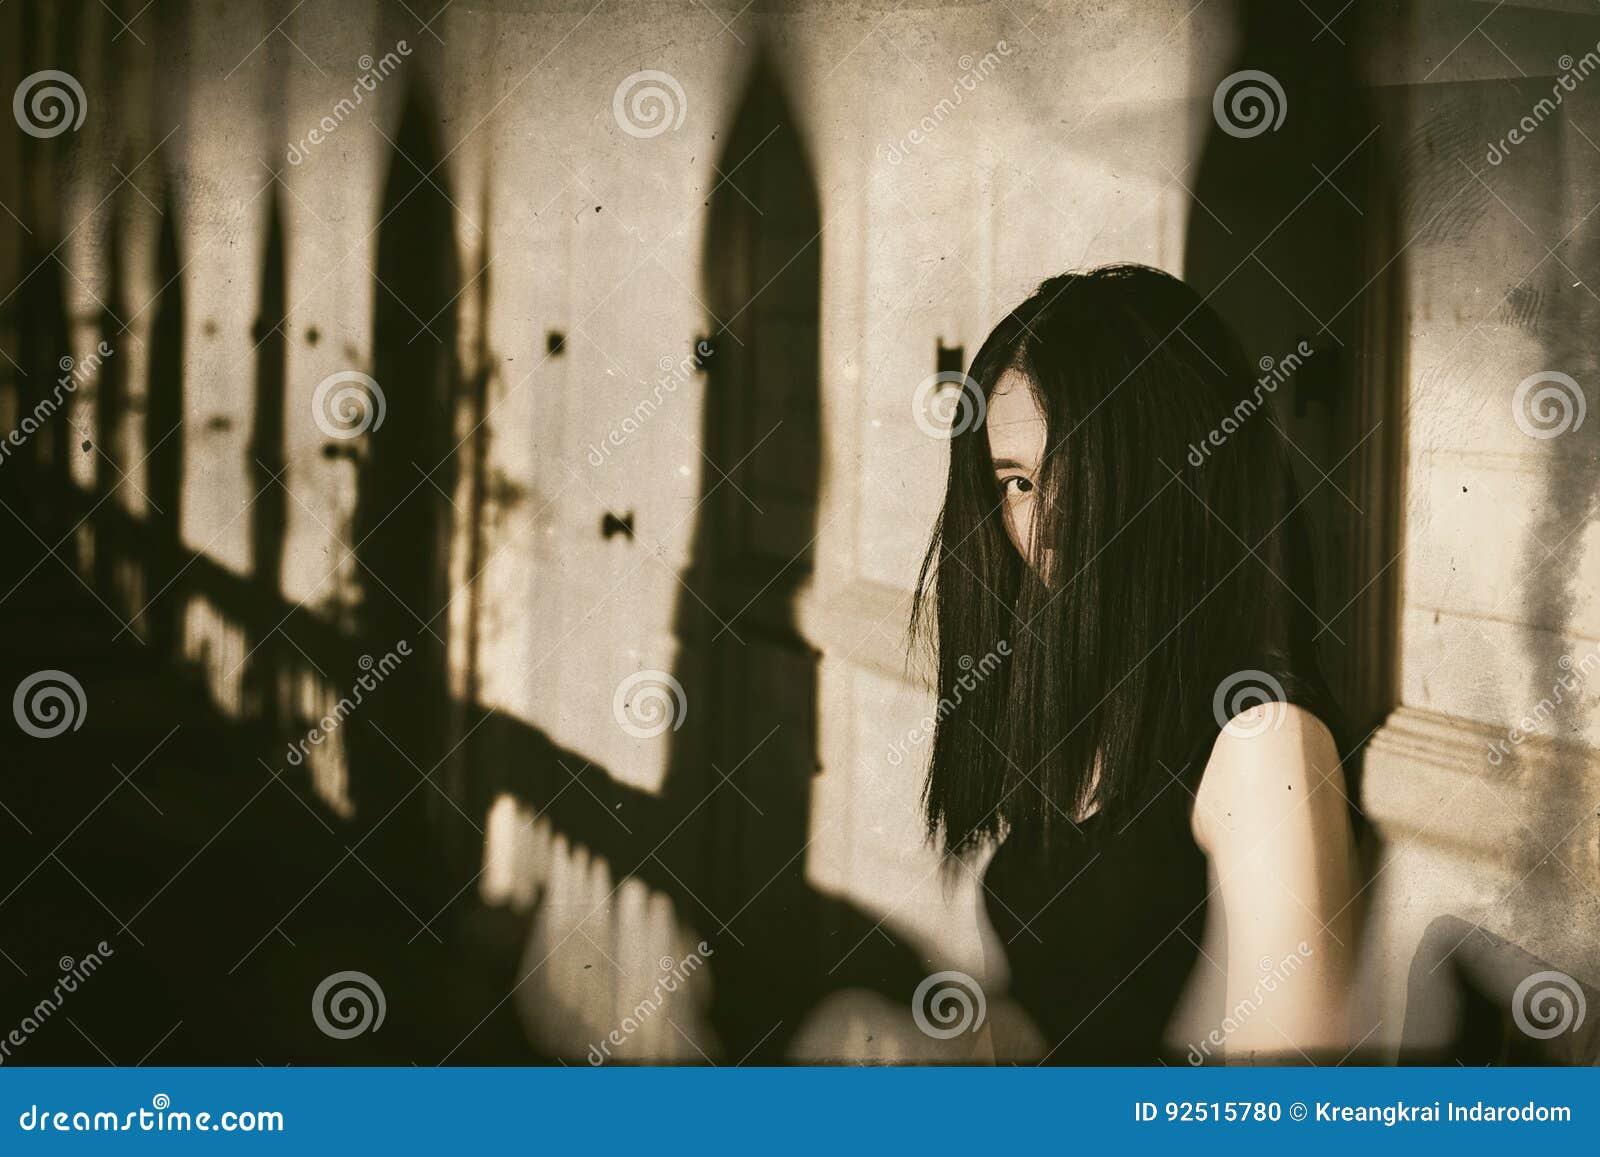 Fantasma en la casa encantada, mujer misteriosa, escena del horror de asustadizo